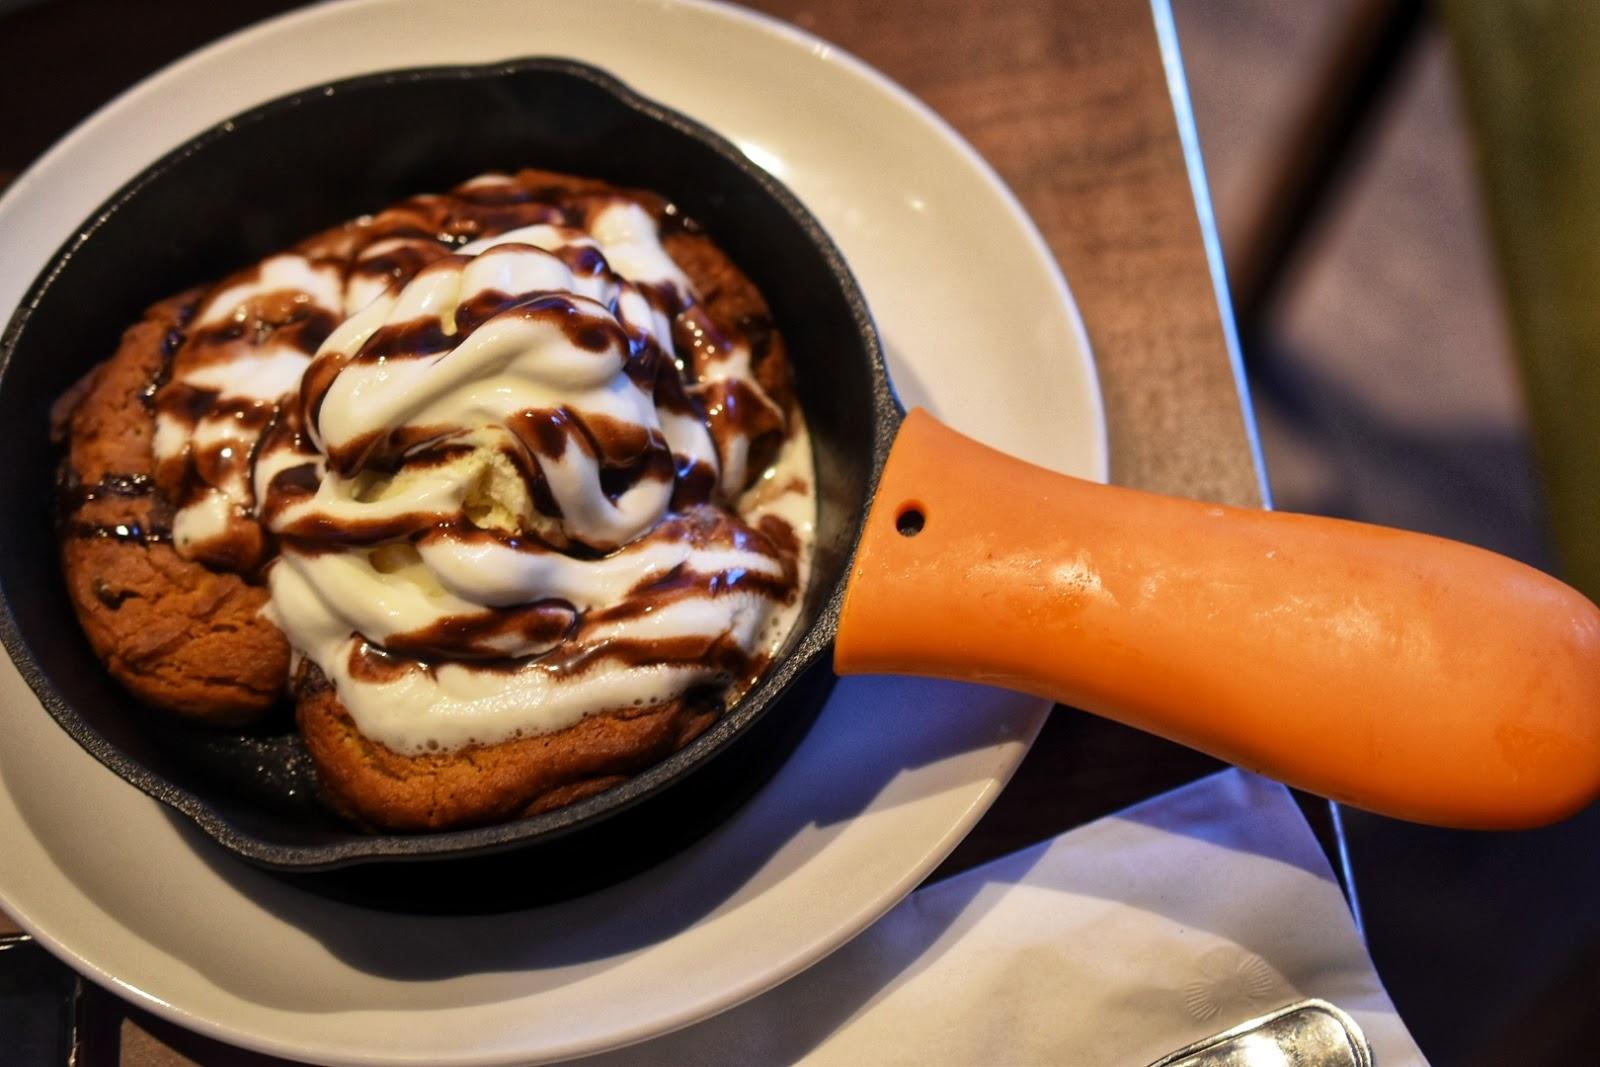 Chocolate Chip Cookie Skillet Dessert